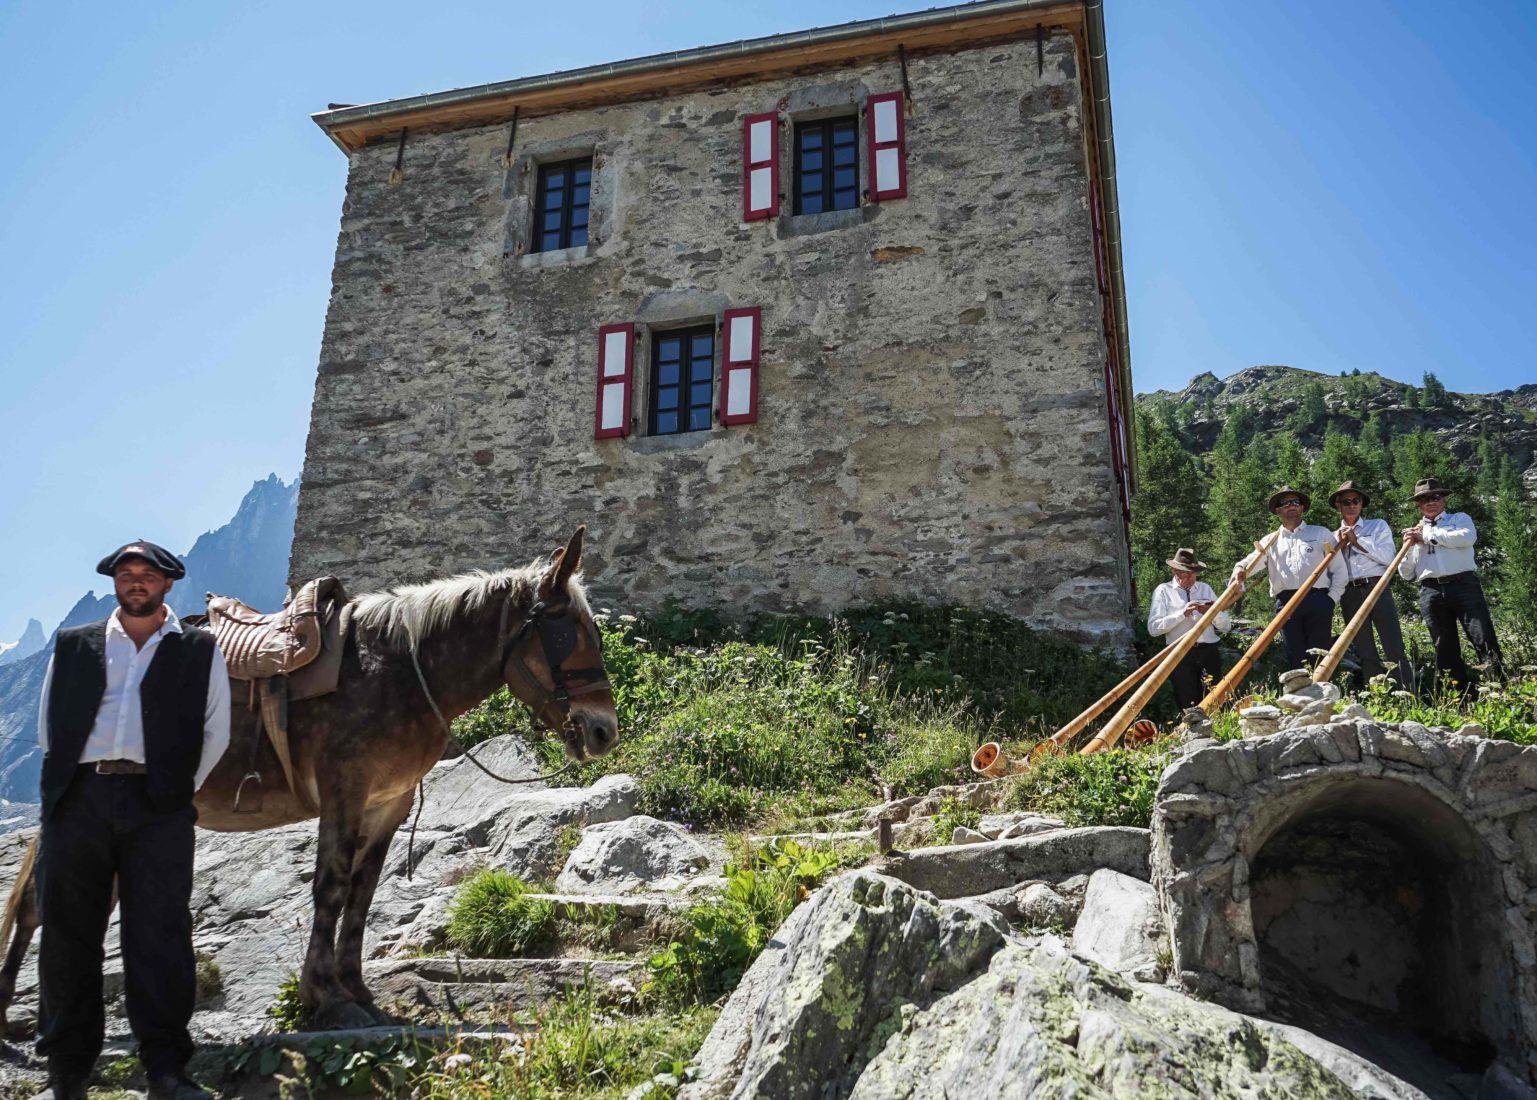 Chamonix fête montenvers 110 ans